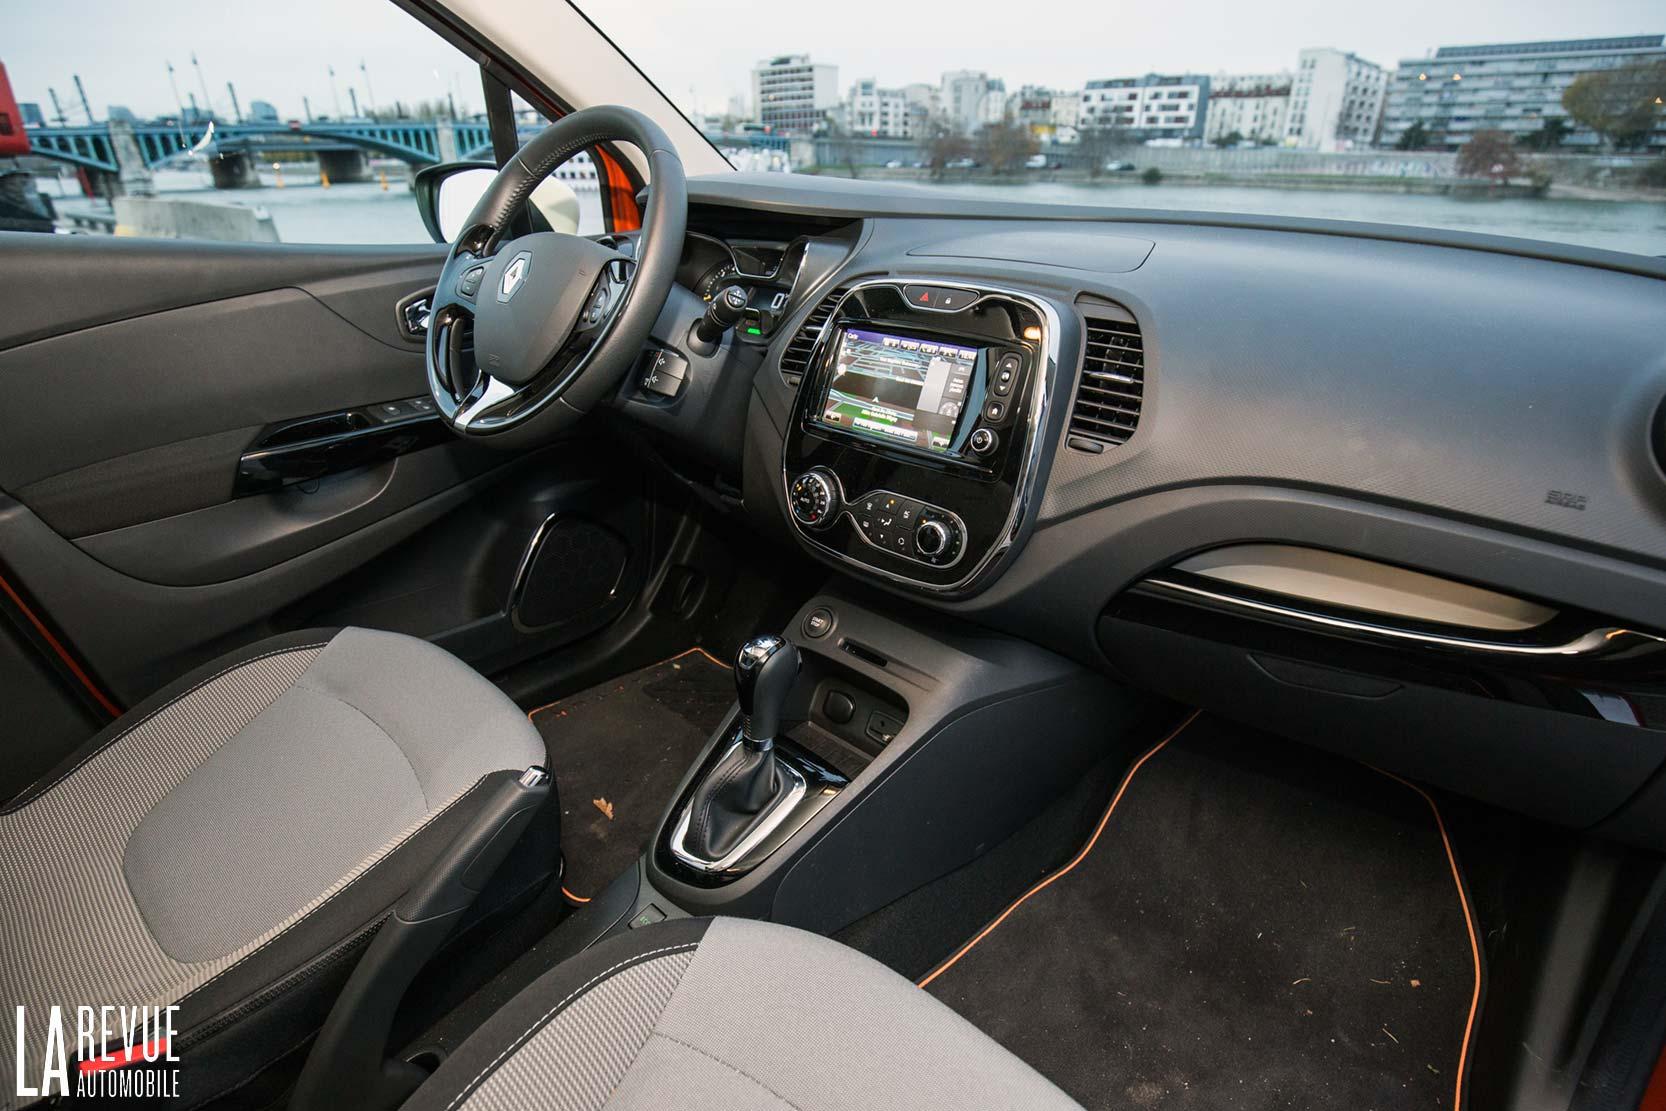 Renault essai renault captur dci 90 eco2 - Interieur renault captur ...